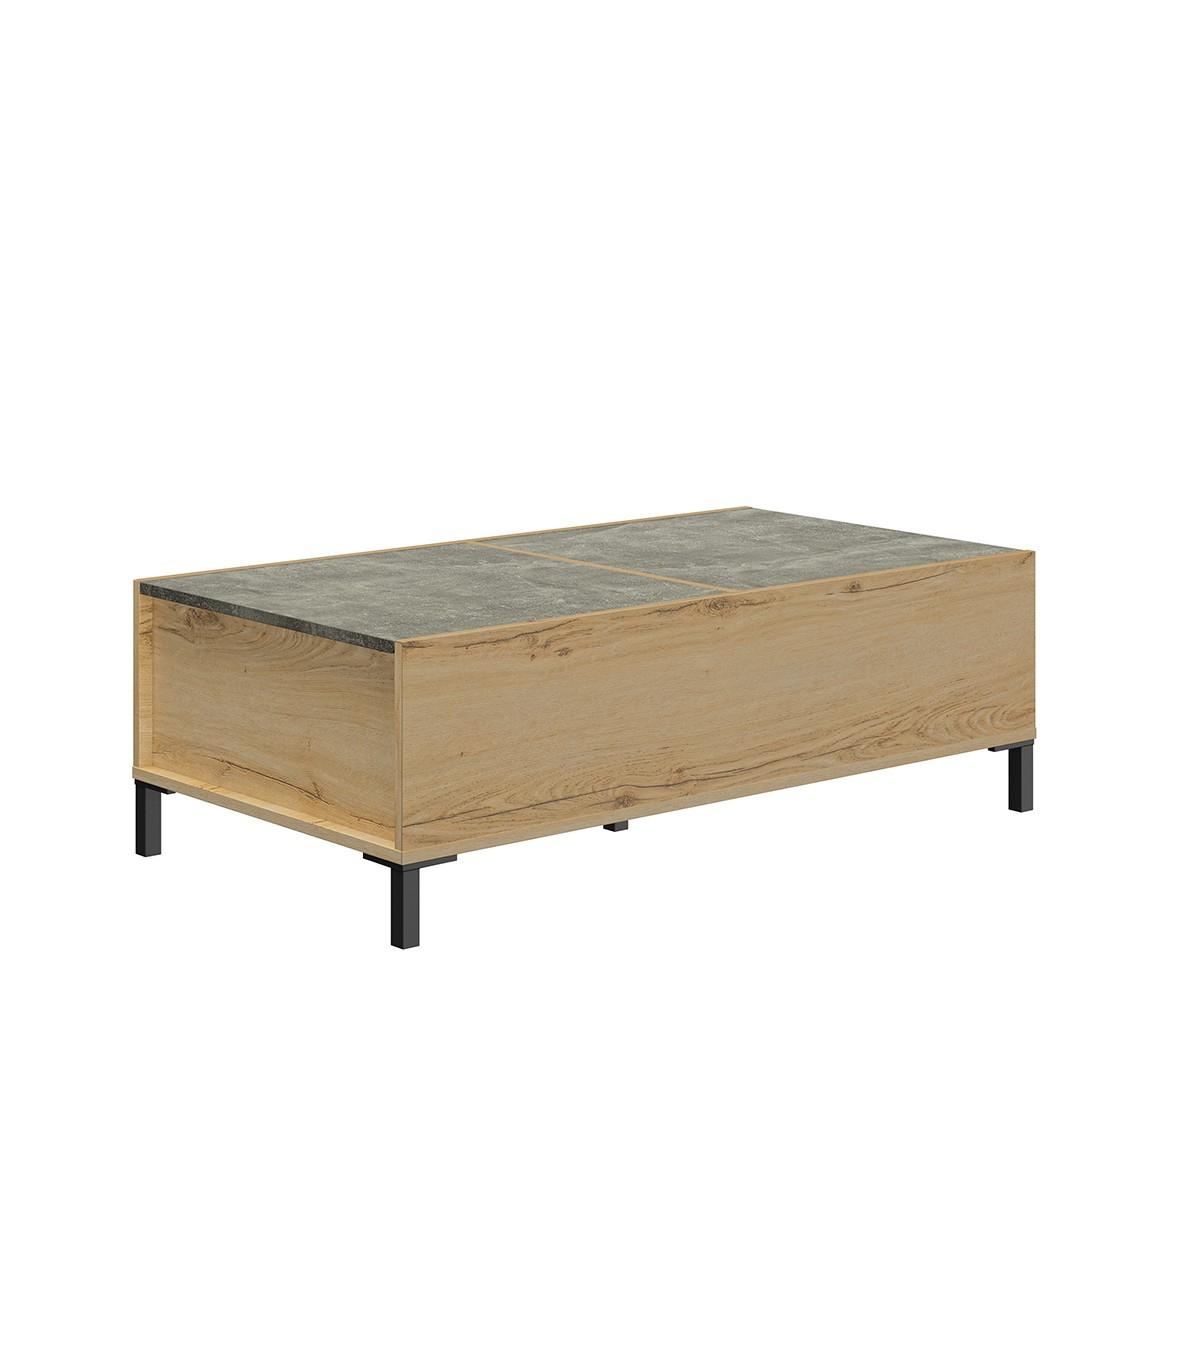 Table basse avec Plateaux coulissants - Décor chêne et béton